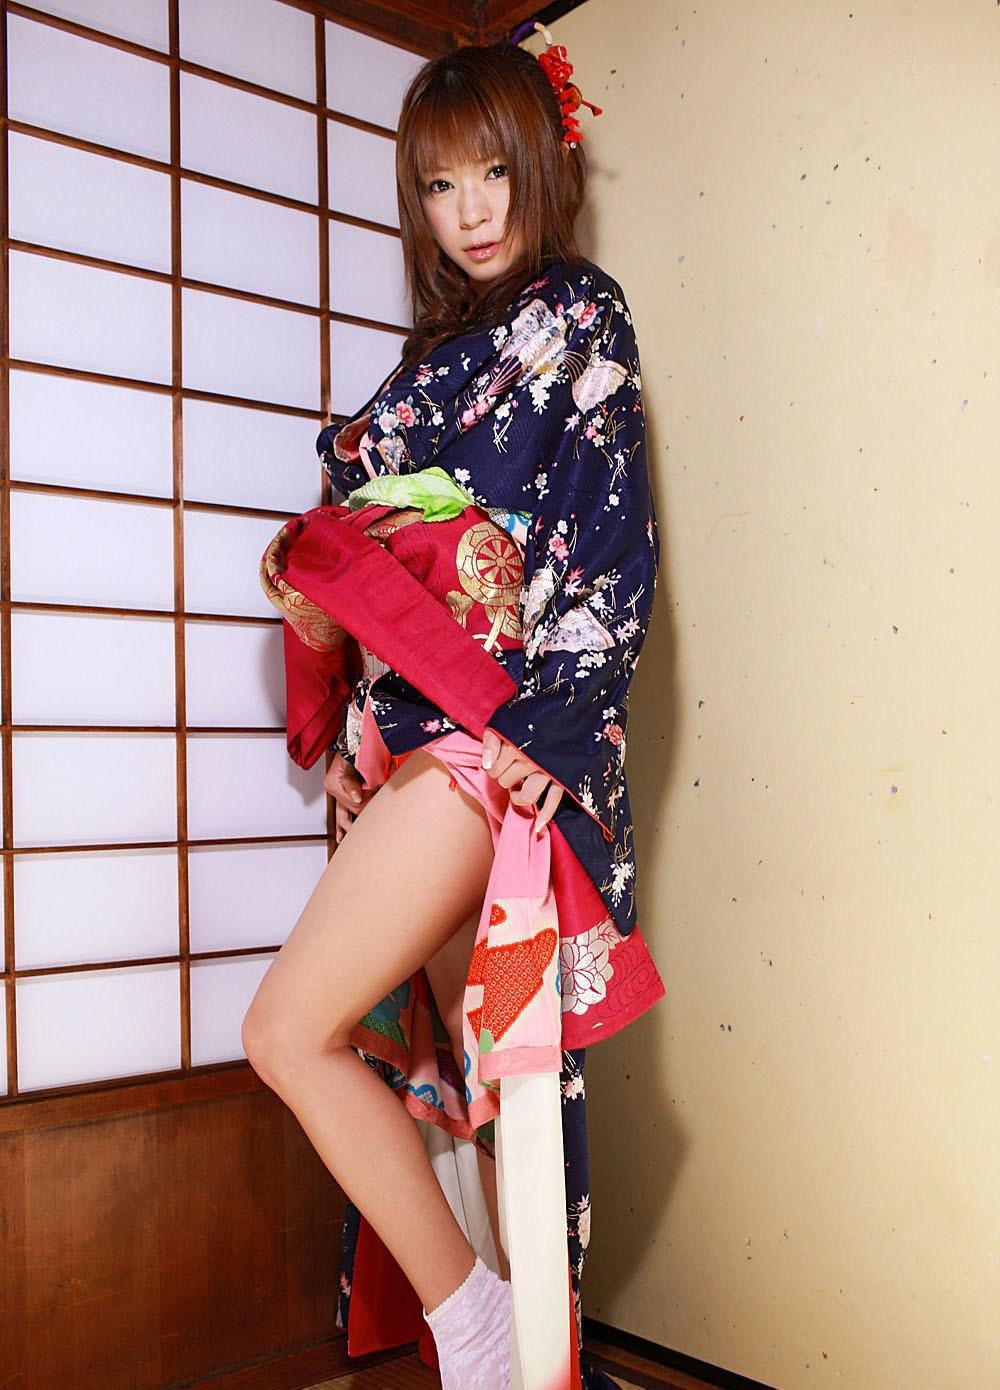 着物や浴衣を着た和服美人なお姉さんのエロ画像 19